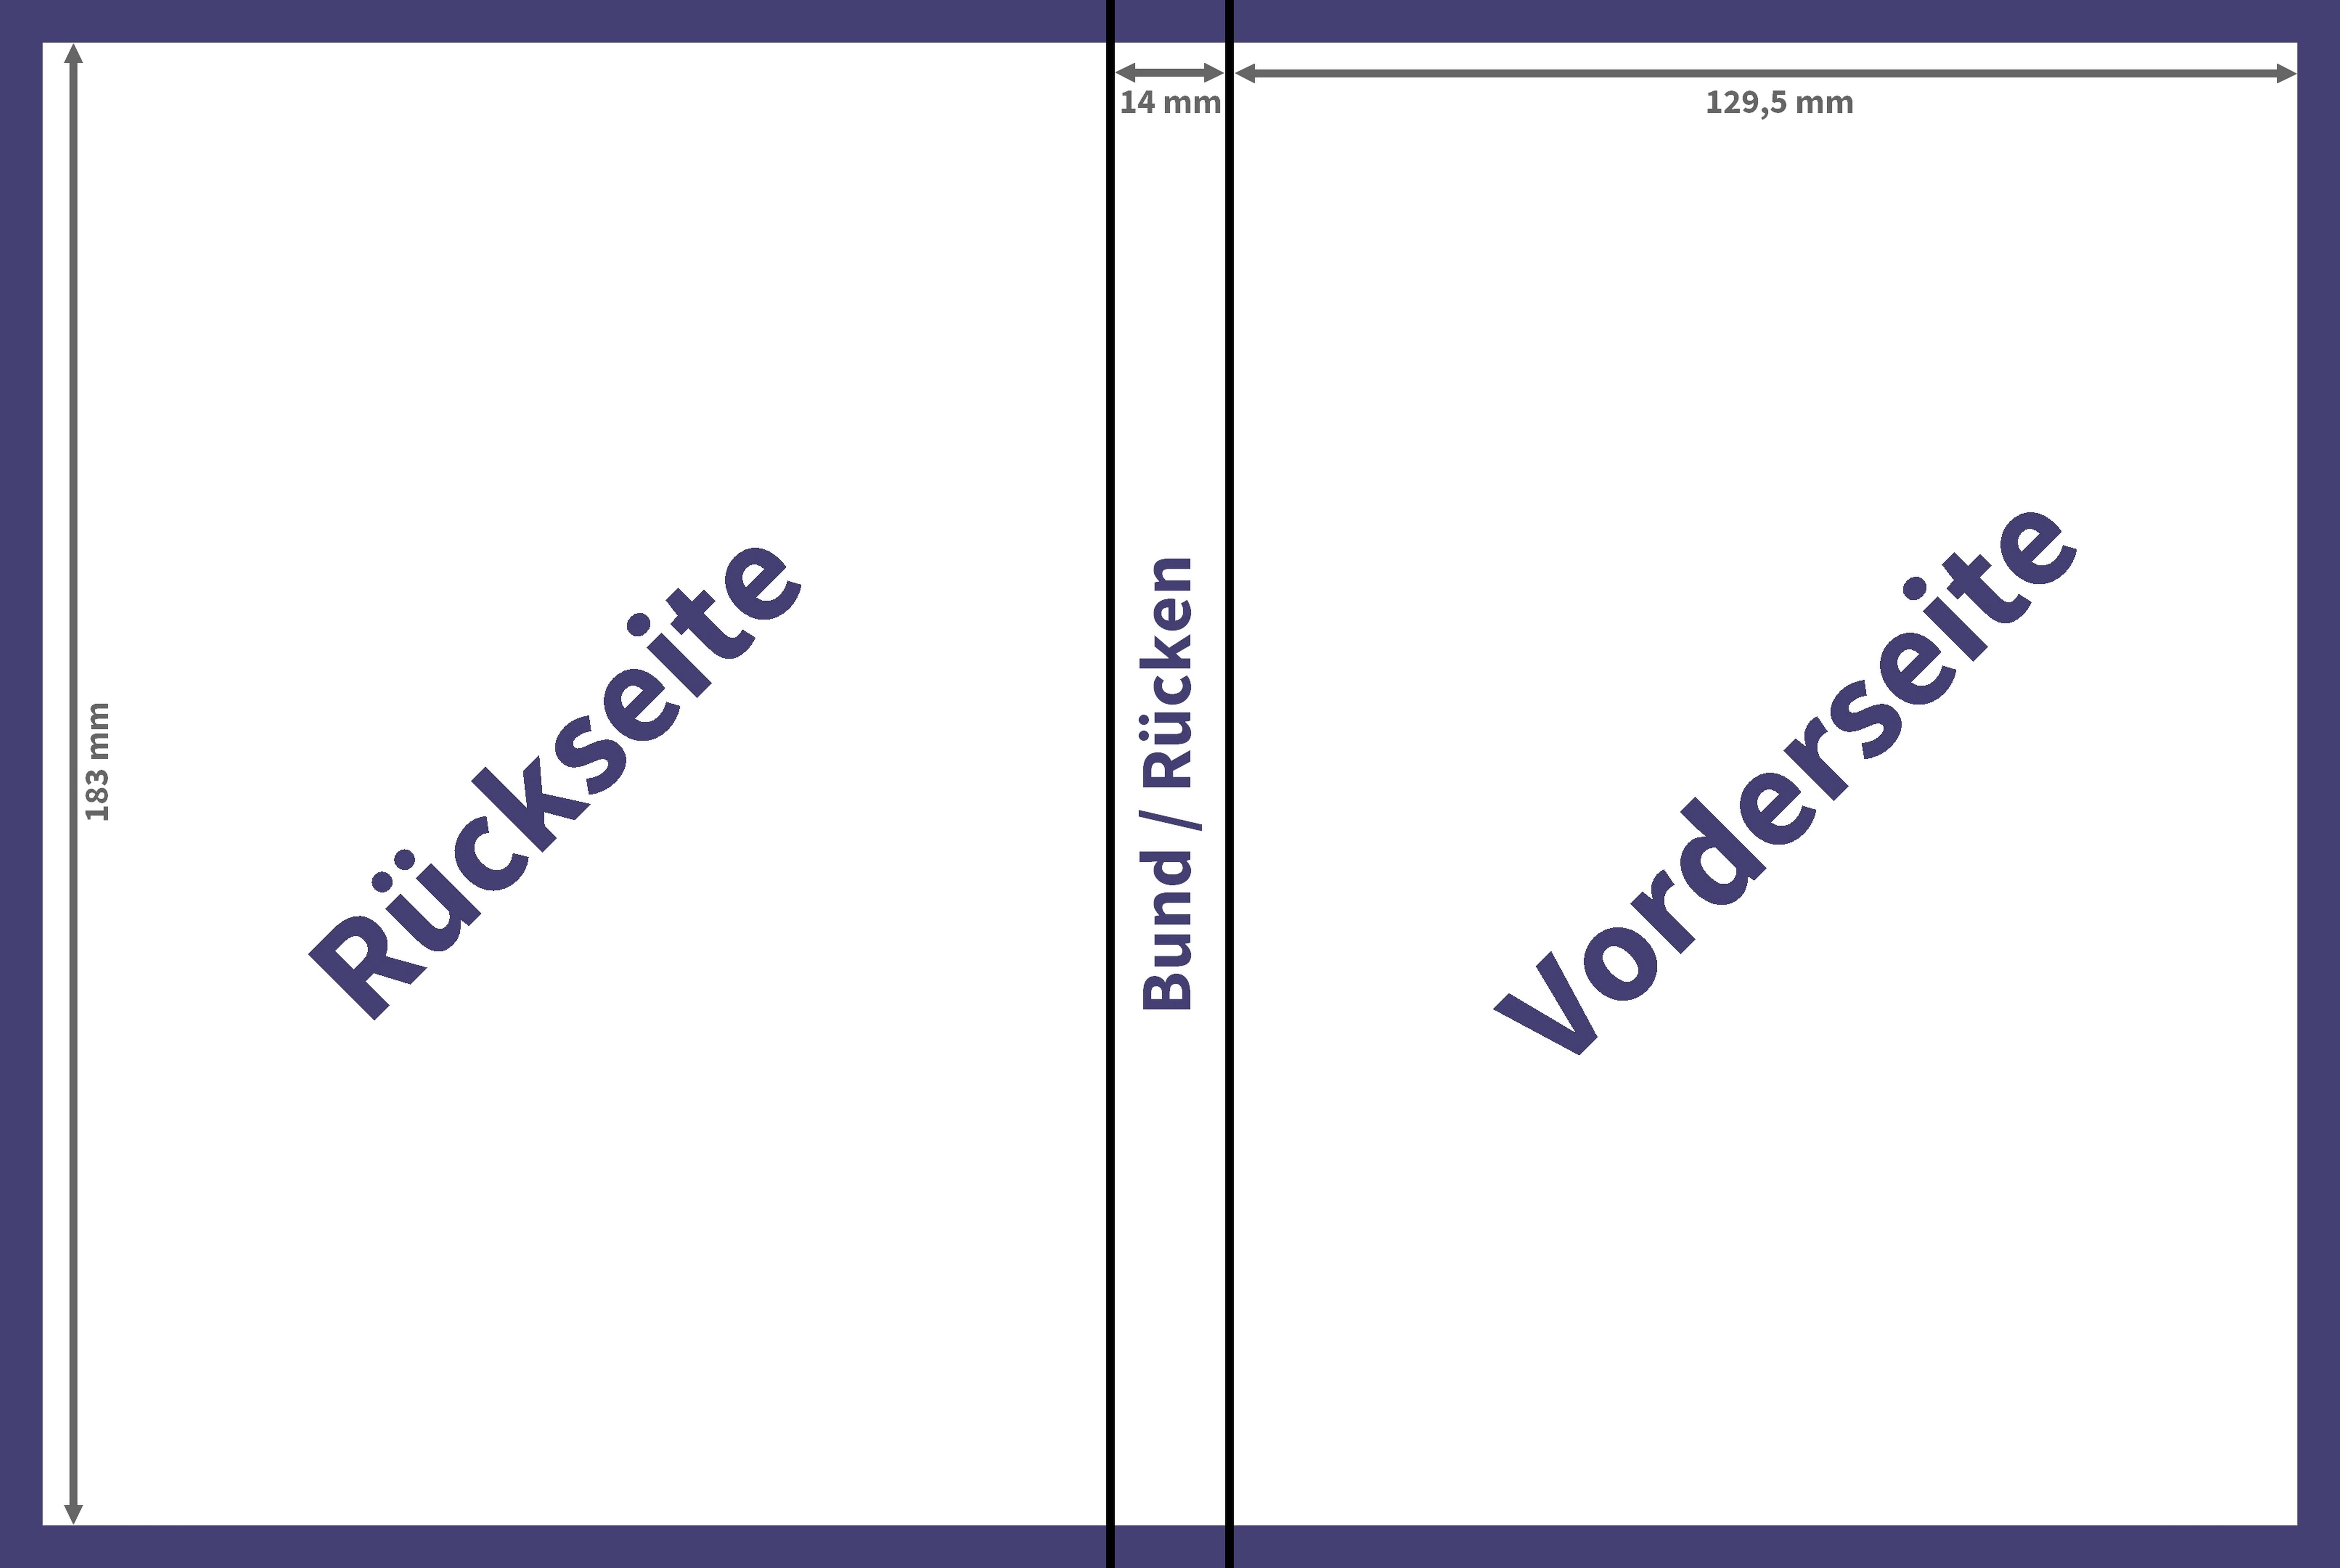 Gemütlich Selbstspeicher Website Vorlage Fotos - Entry Level Resume ...